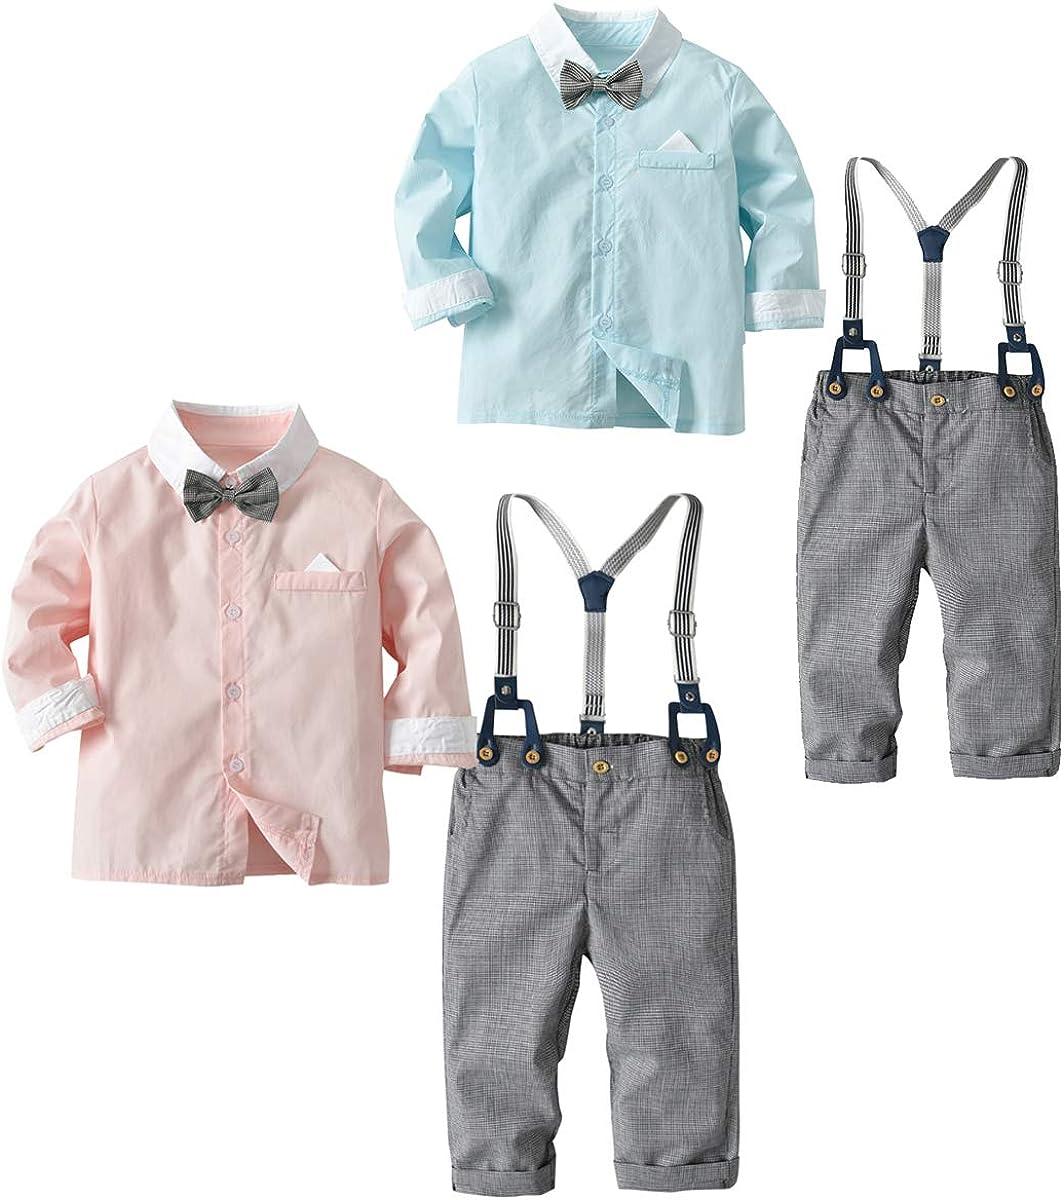 Tianhaik Boys' Gentle Suit Long Sleeve Bow Tie Shirt+Suspender Pants Clothes Set